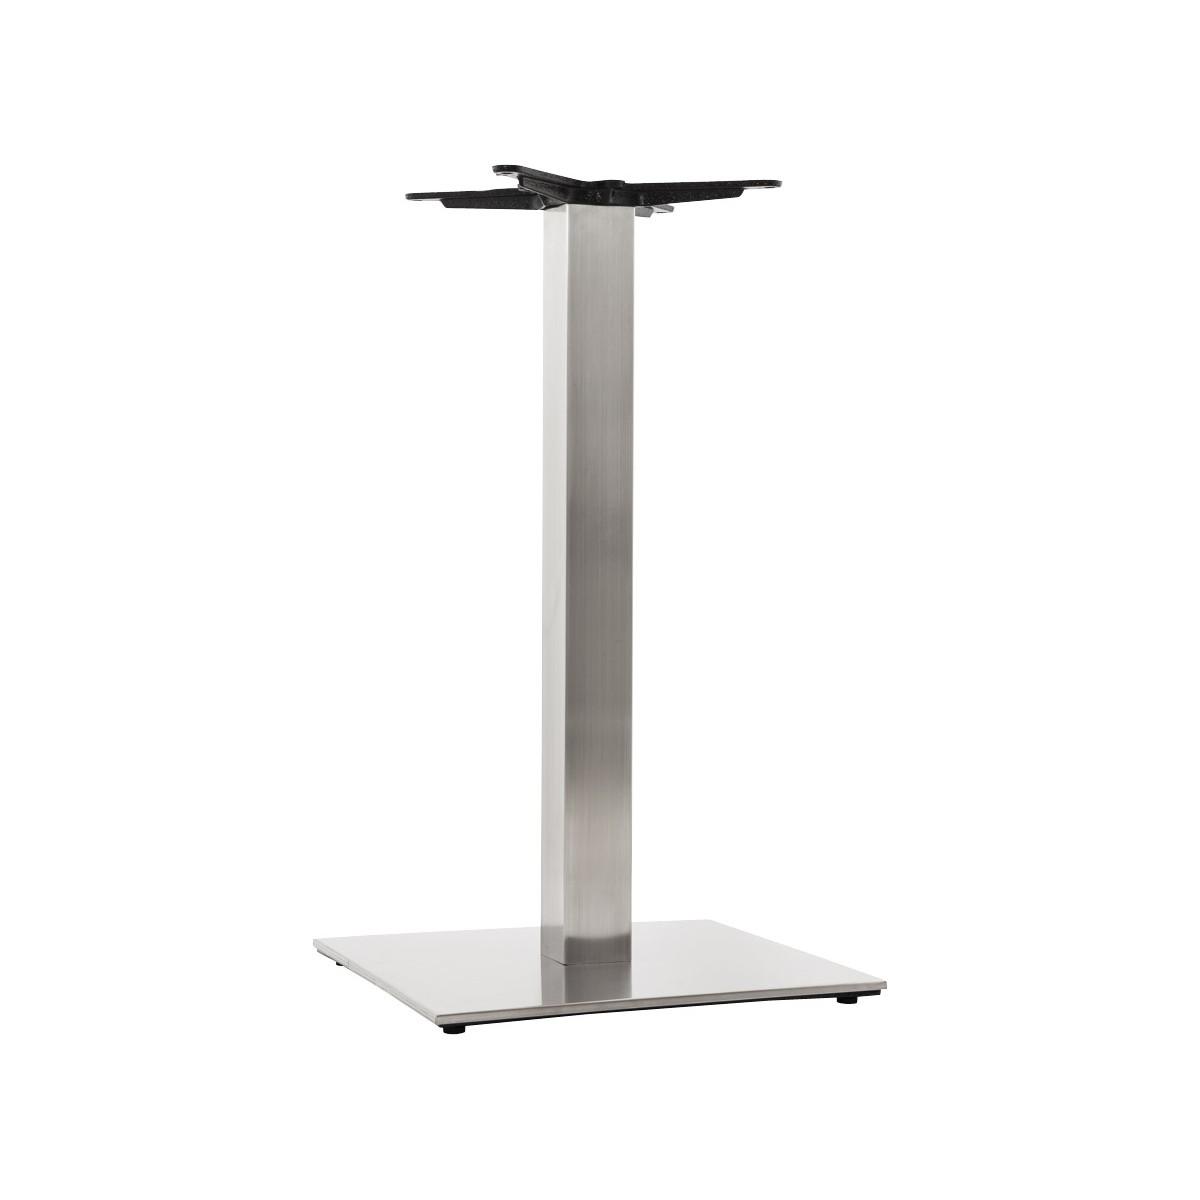 Pied de table pary carr en m tal acier fran ais french - Pieds de table en metal ...